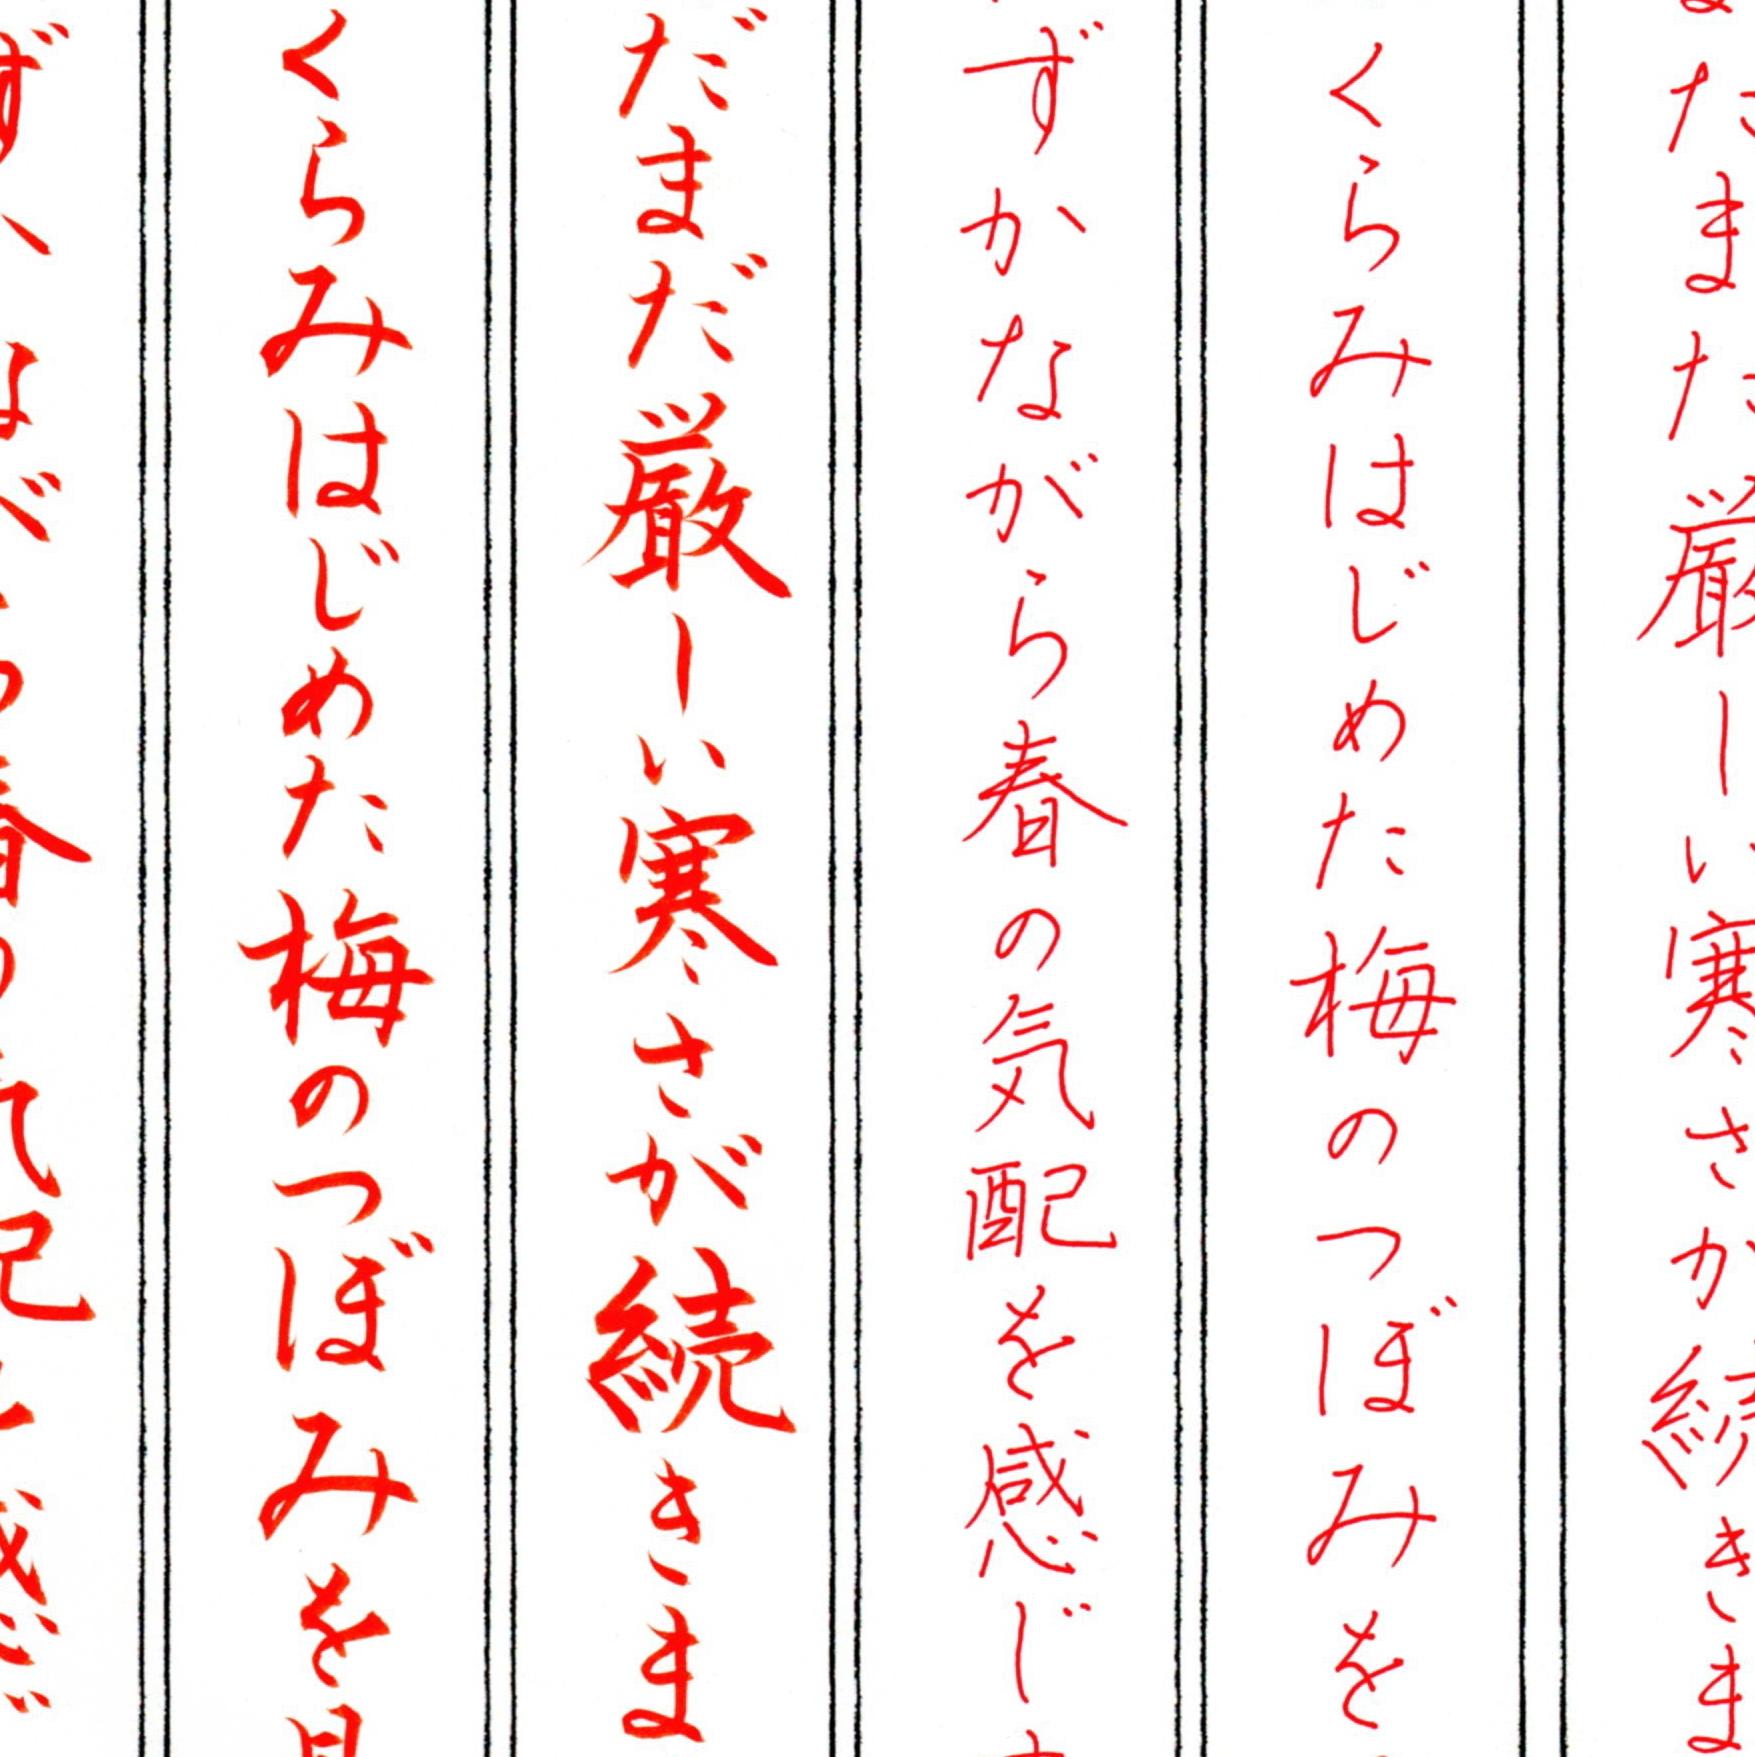 2017_1_10_1.jpg